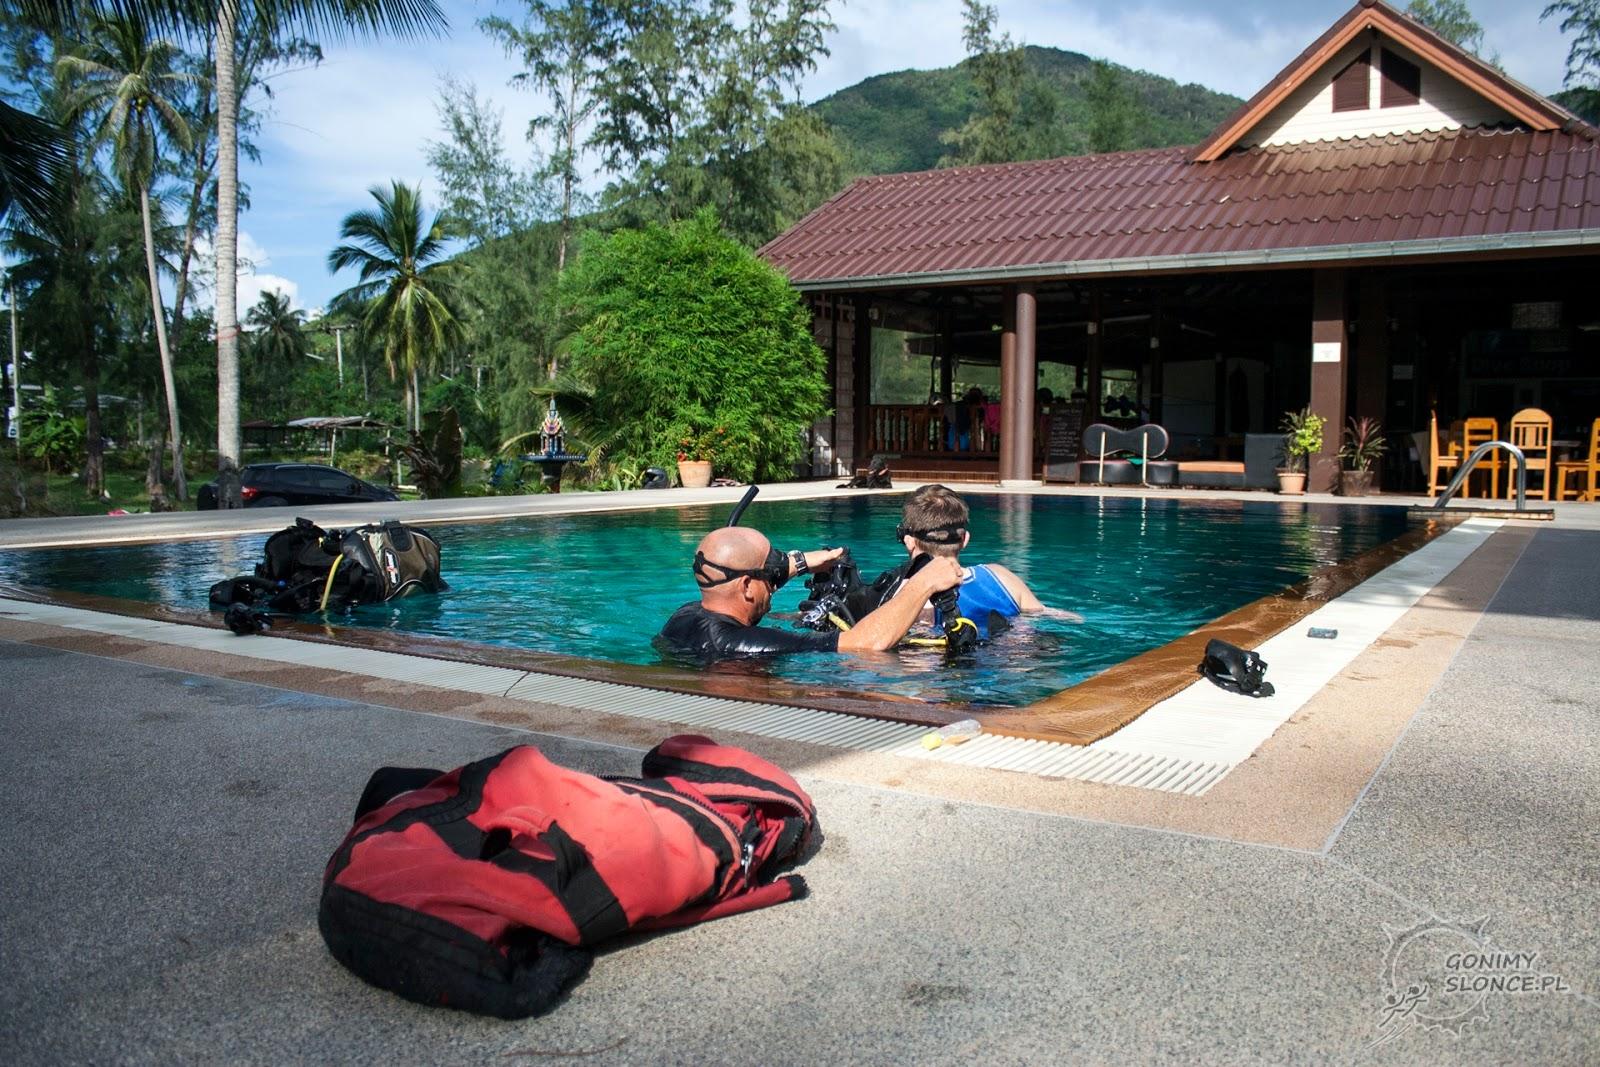 Kurs nurkowy na wyspie, Tajlandia, Koh Phangan